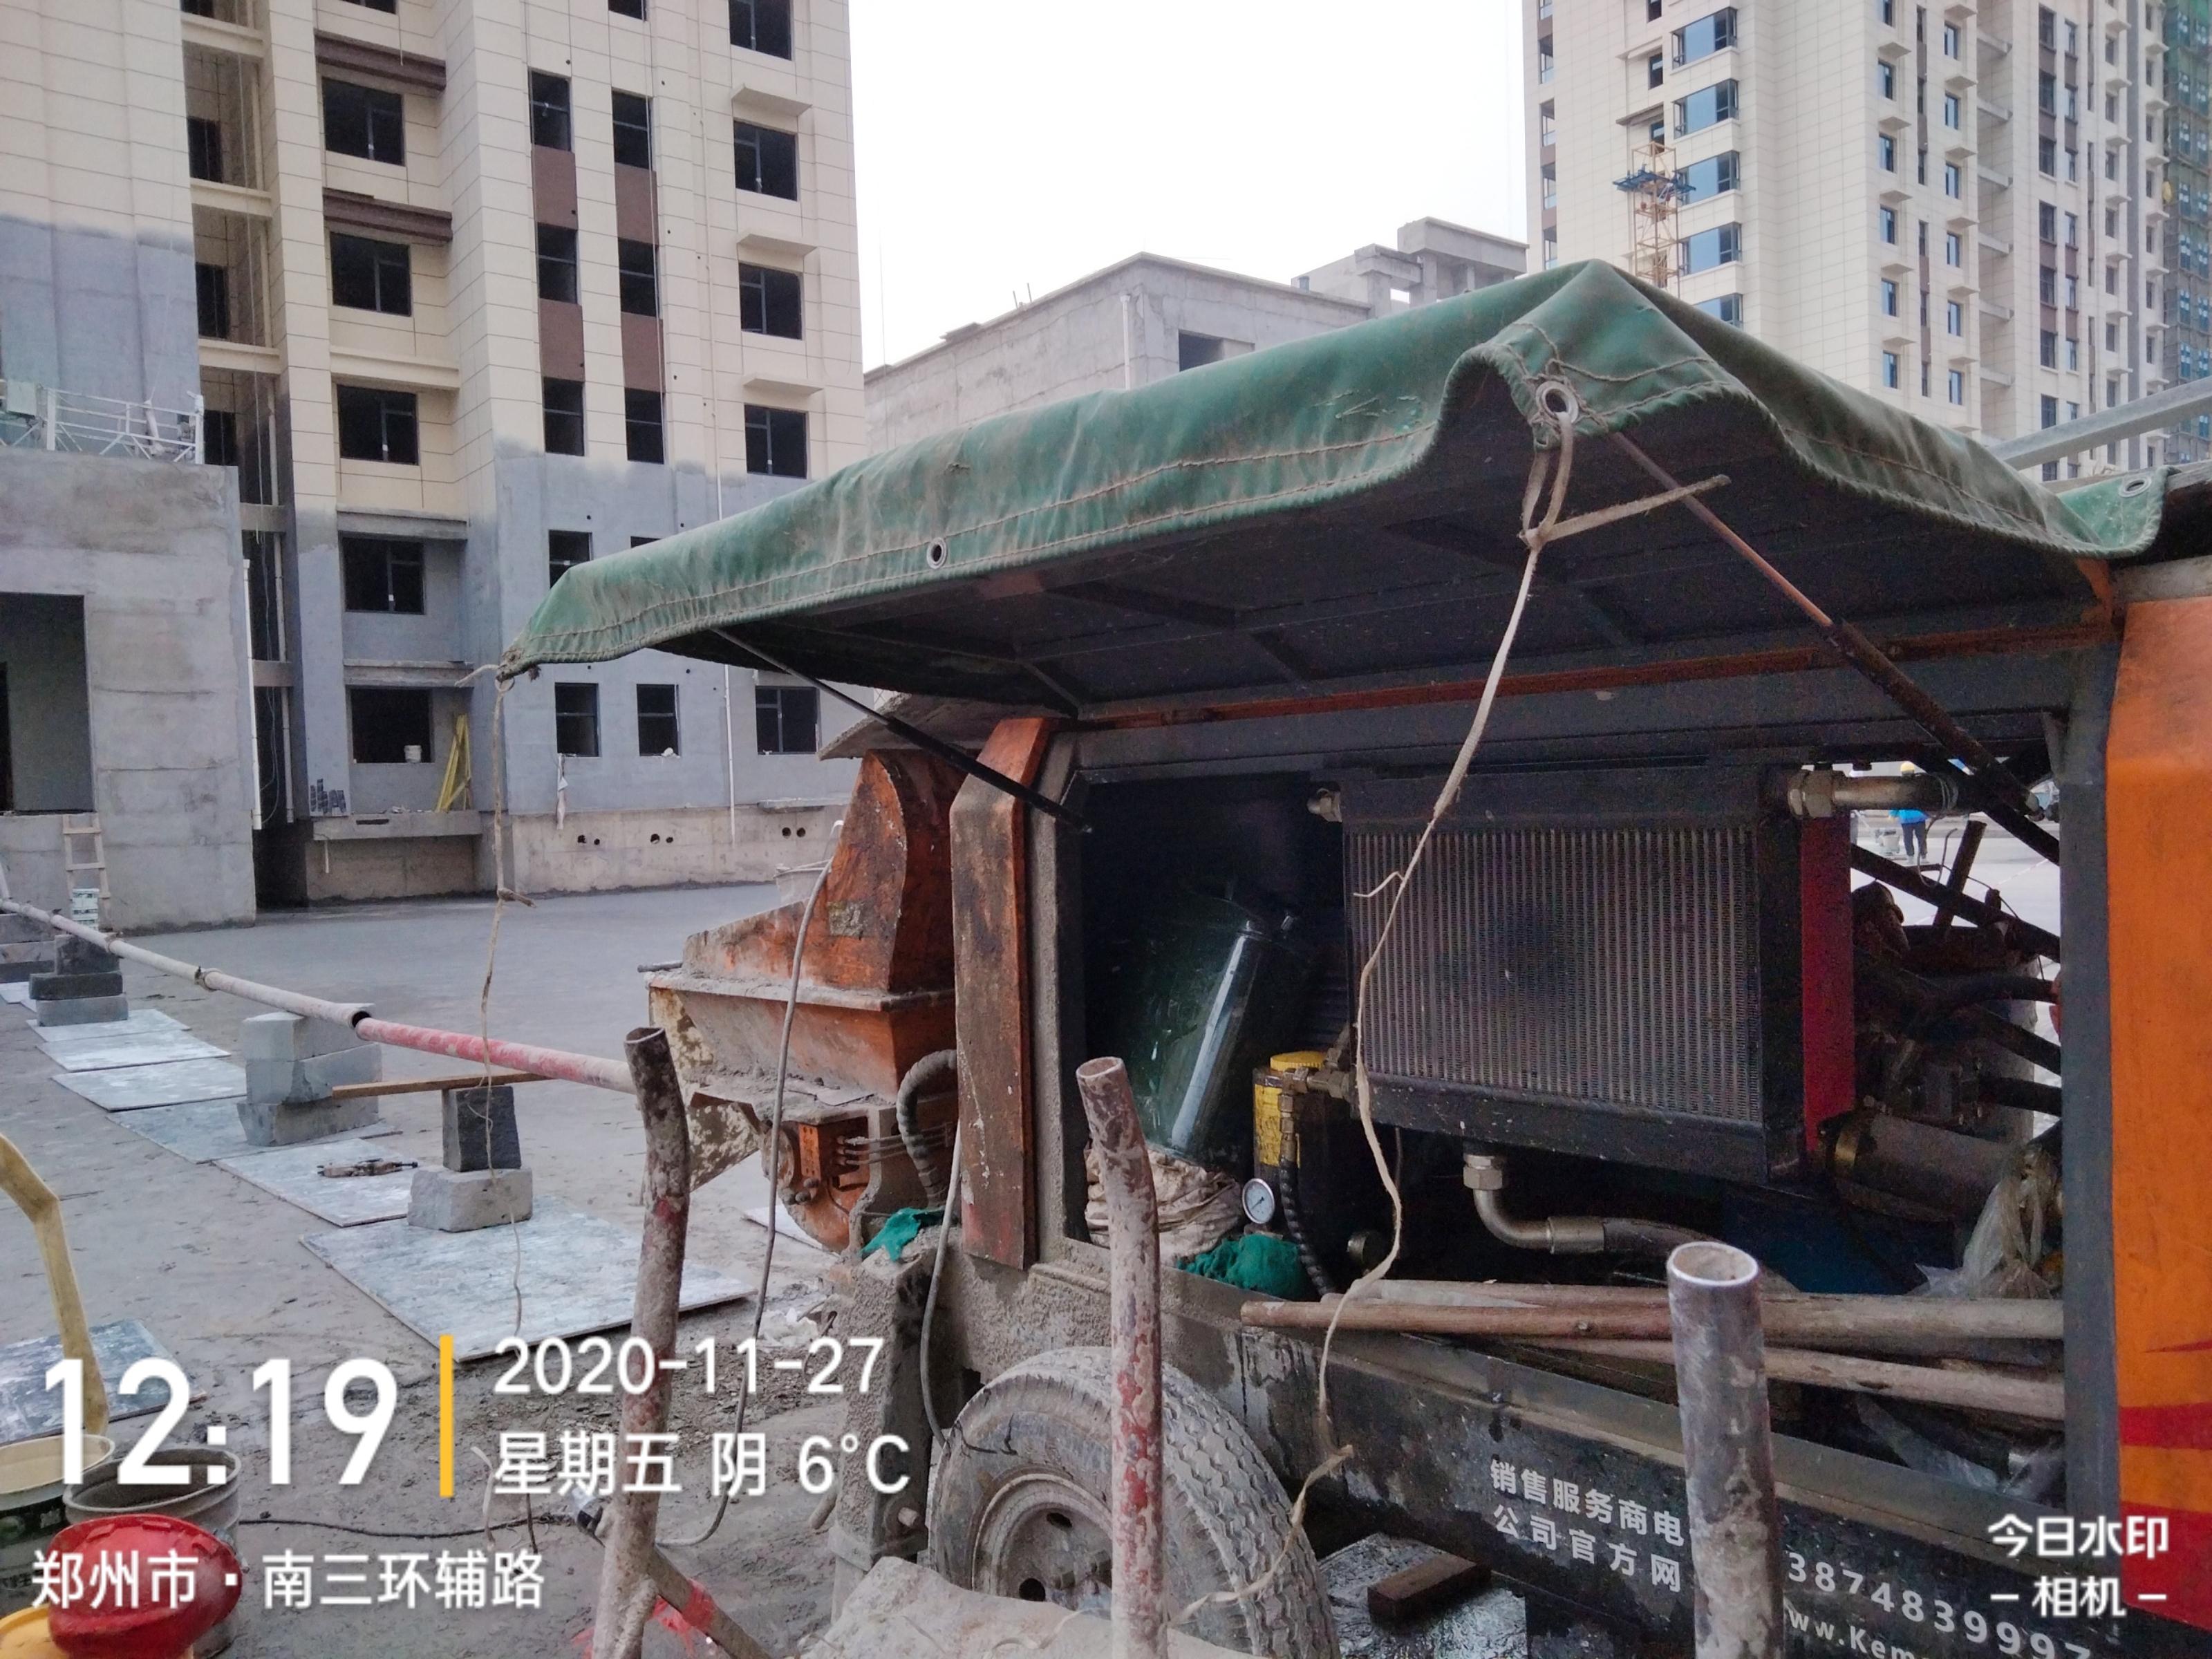 2020年7月,K3T-西安曲江褐石小镇46层鸿运app官方下载最新版工况